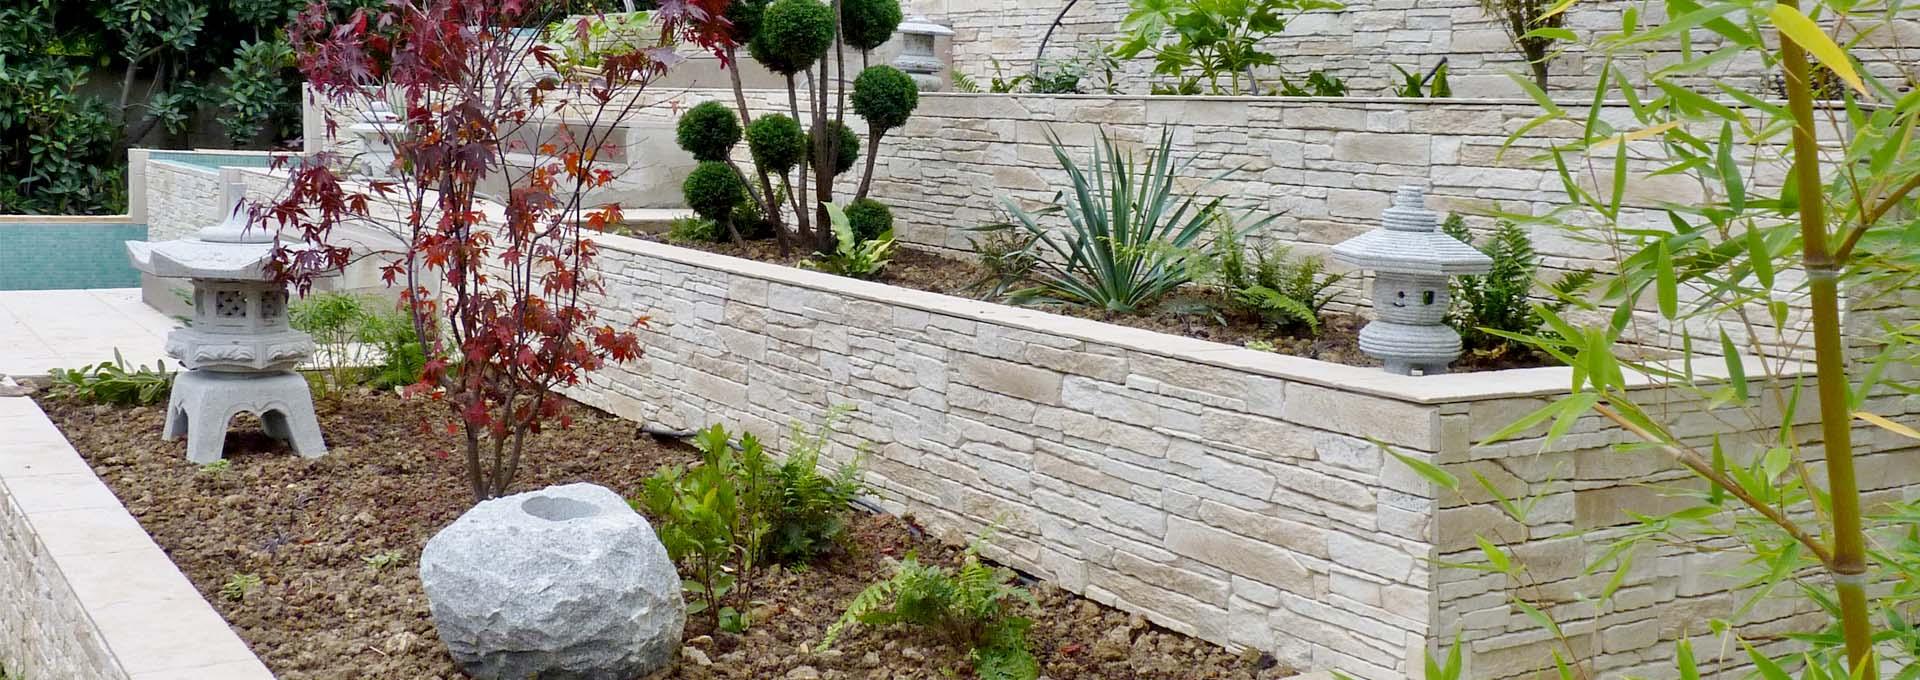 maison renovation luxe amenagement paysage jardin escalier parement pierre lanterne japonaise agence avous